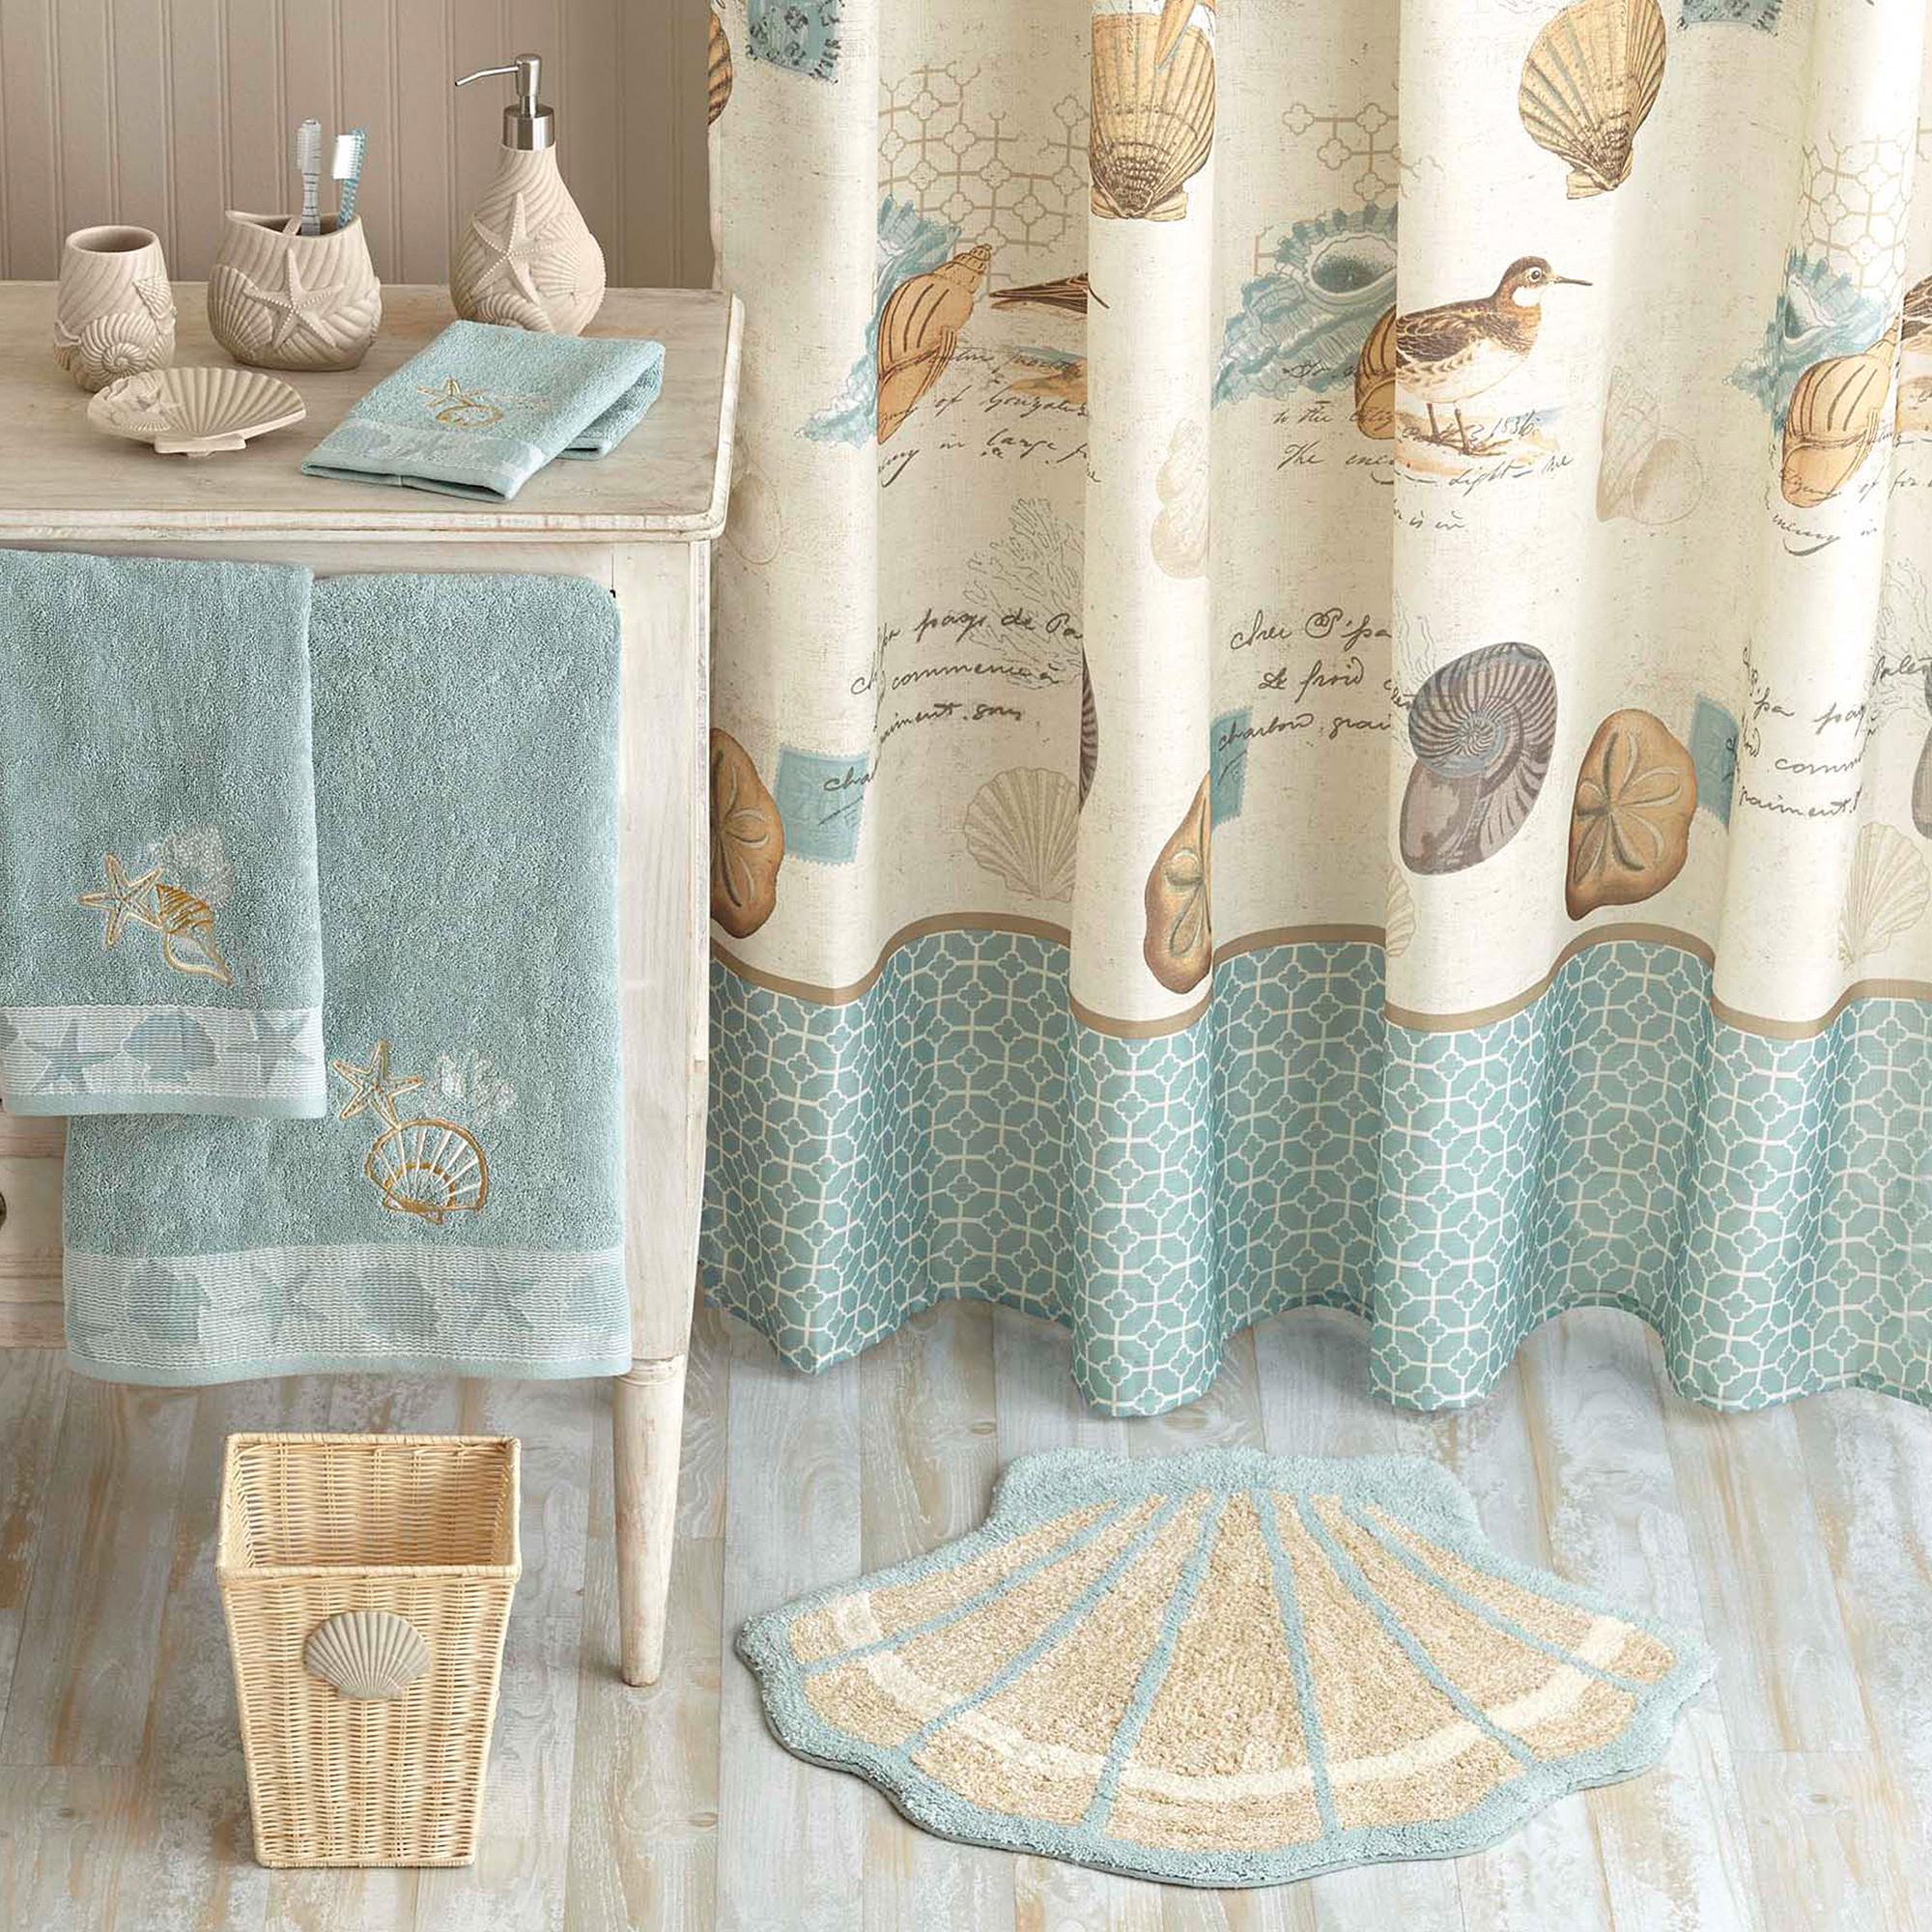 beach theme shower curtains ideas on